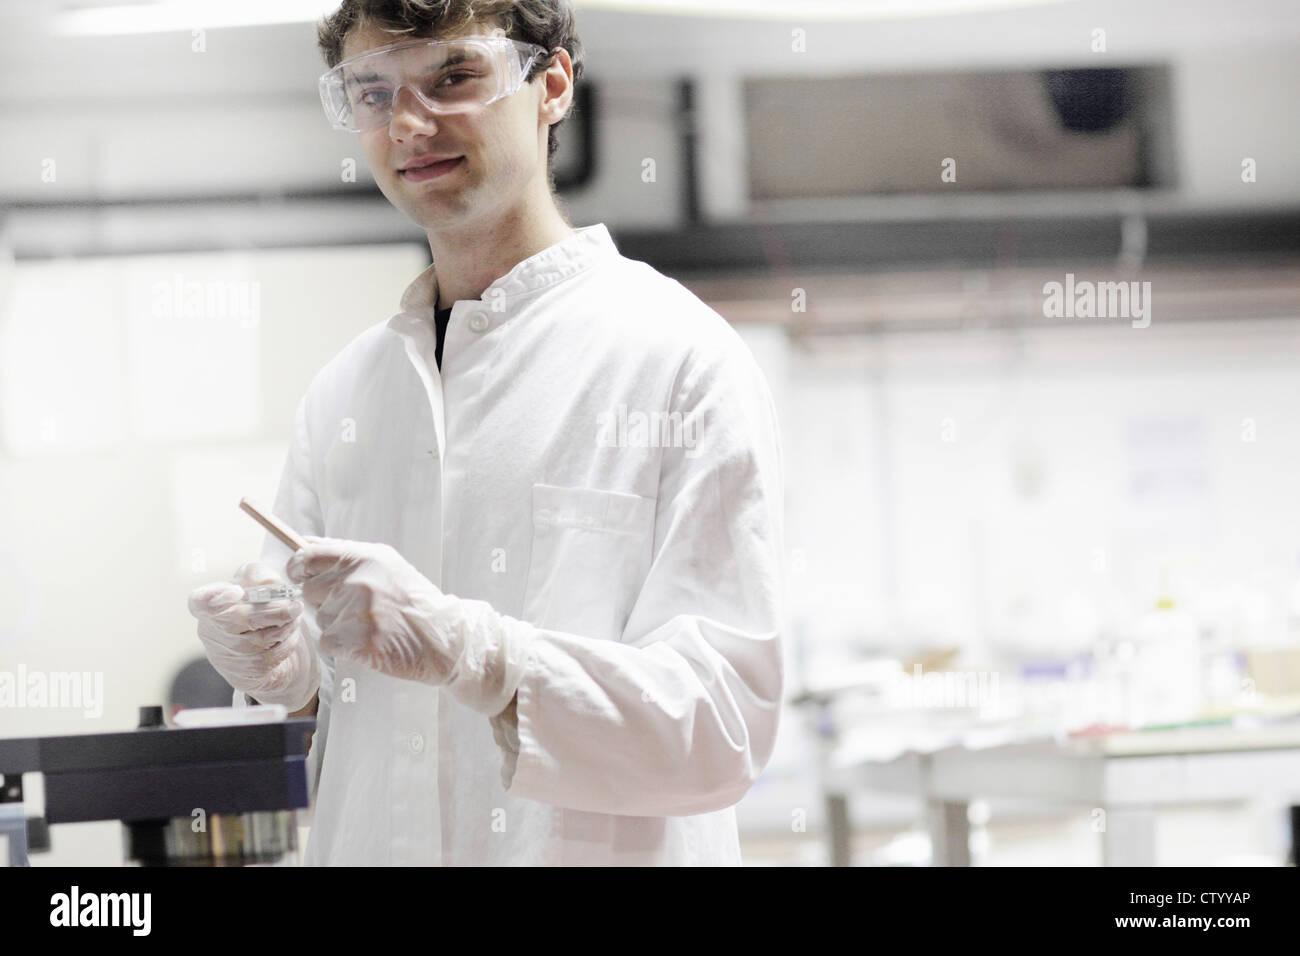 Celebración gotero en laboratorio científico Imagen De Stock